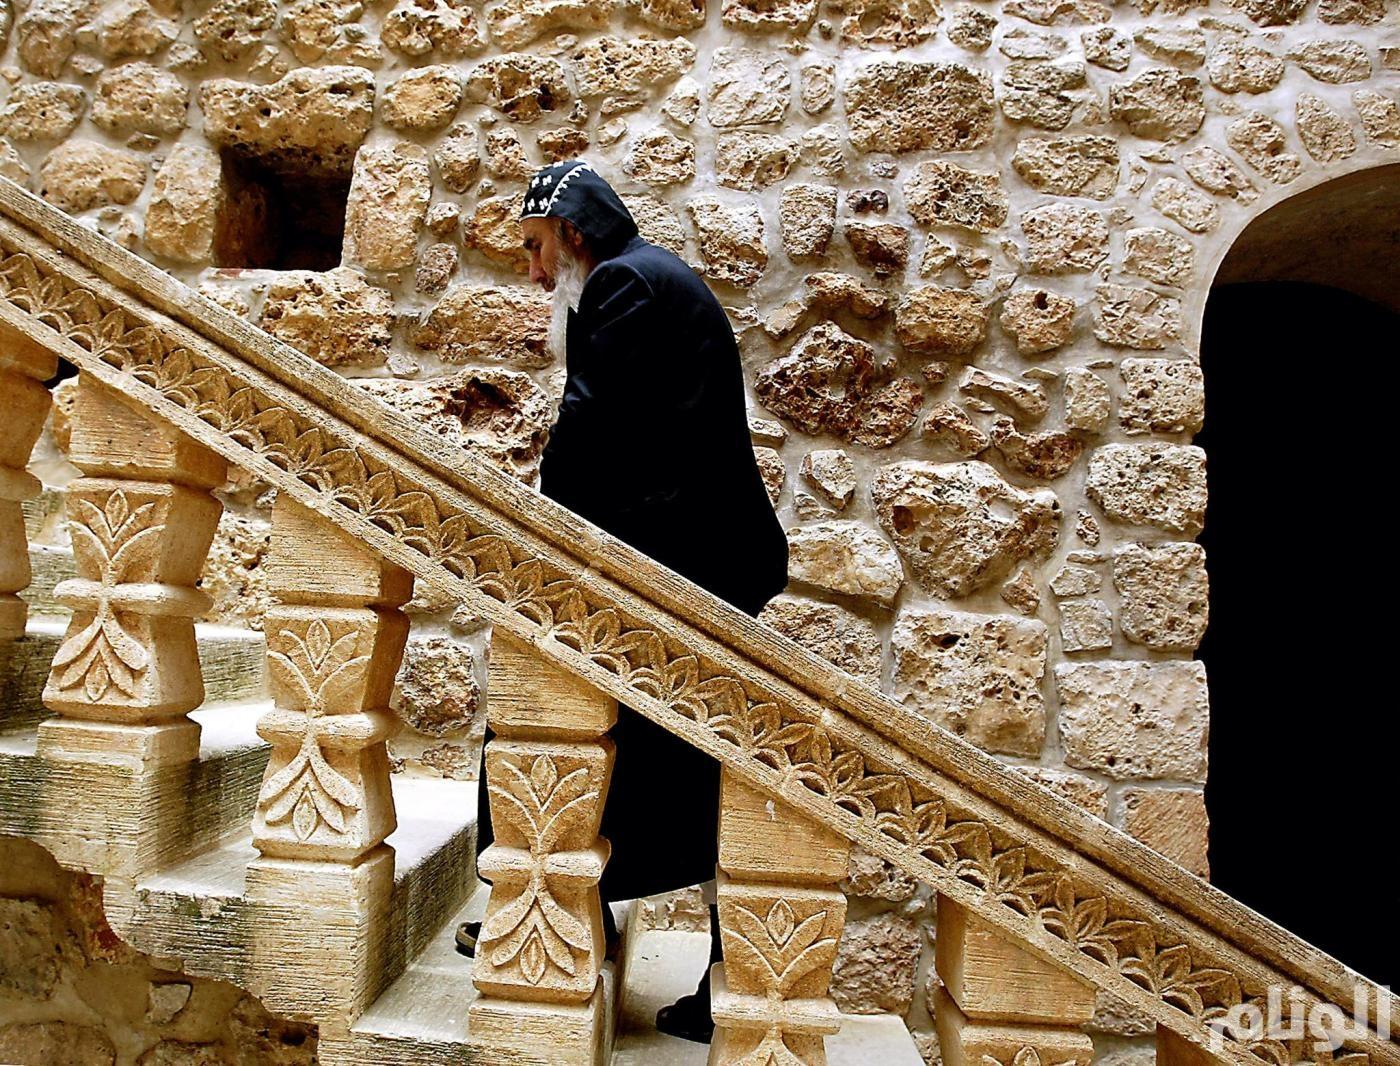 أردوغان يضع حجر أساس أول كنيسة في تاريخ تركيا الحديثة